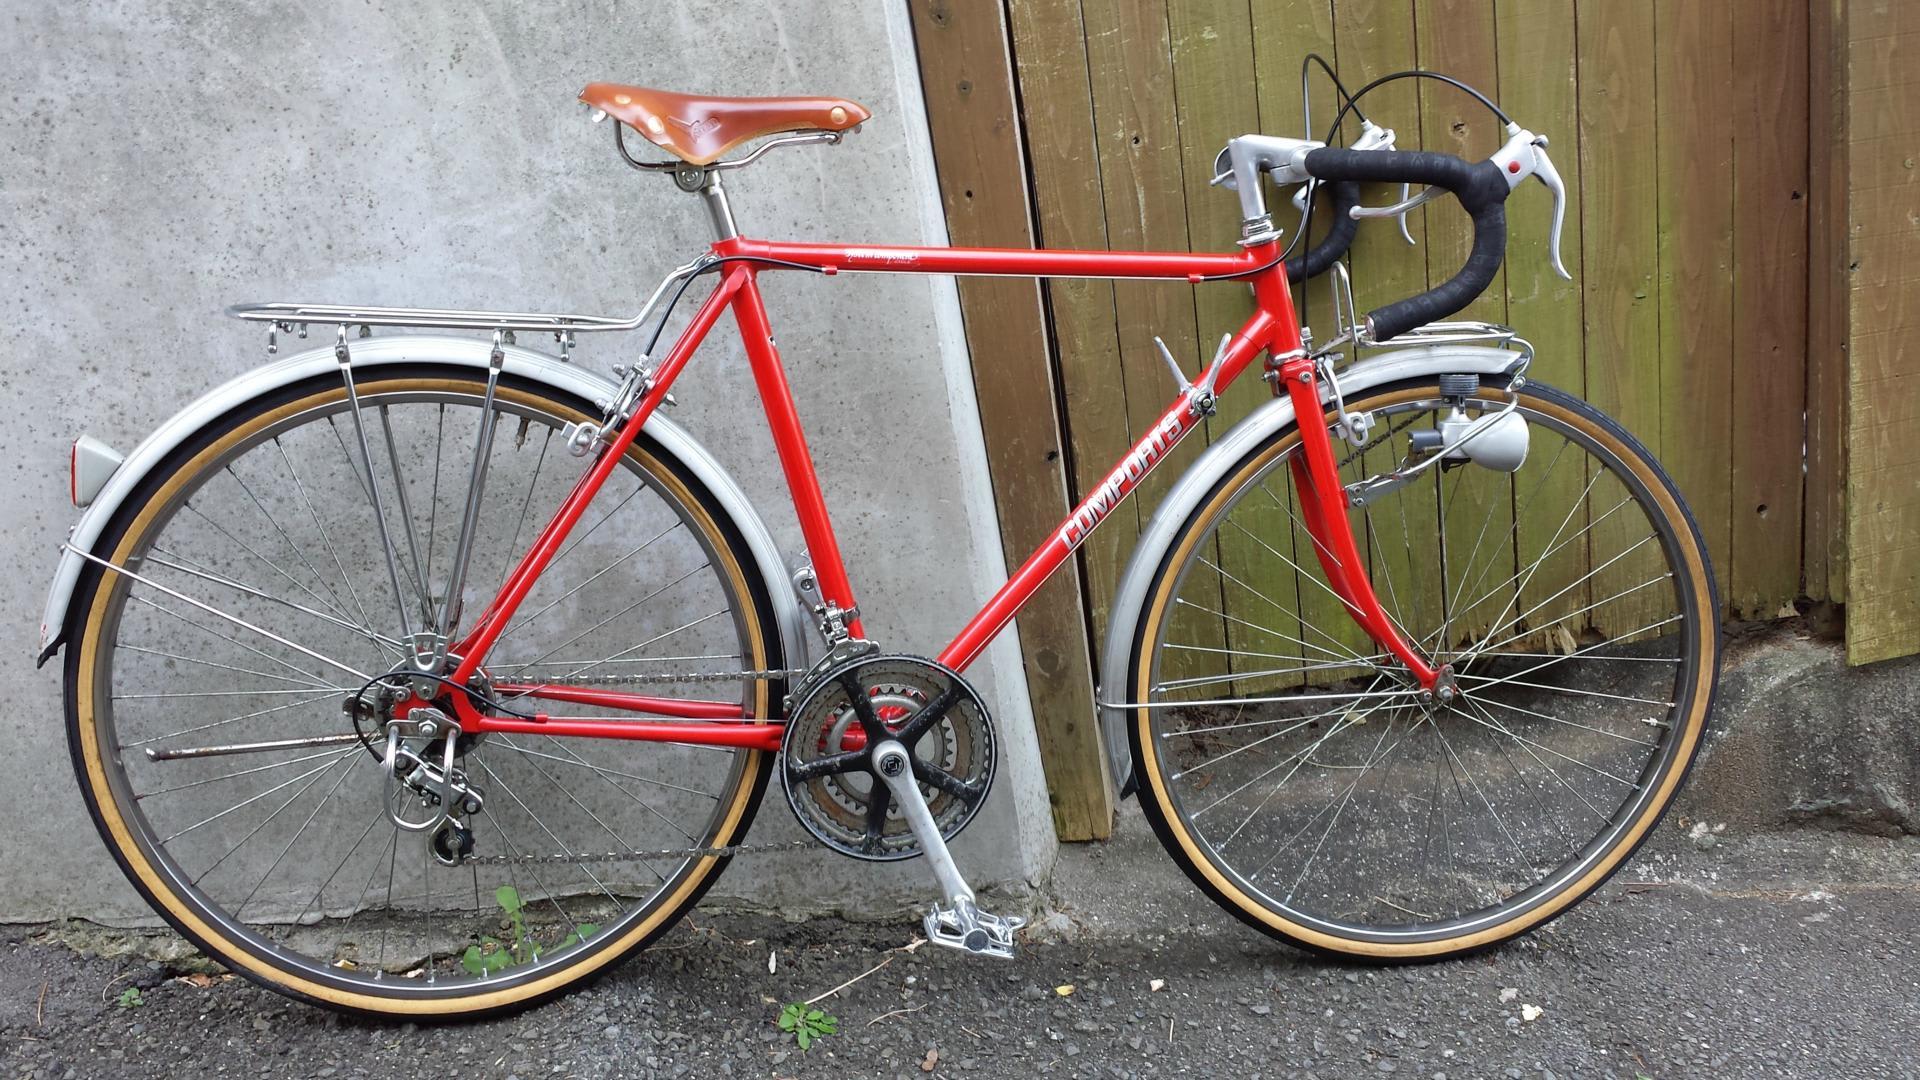 自転車の 自転車 国産 クロスバイク : 2014-10-06 13:50:11 | 日記